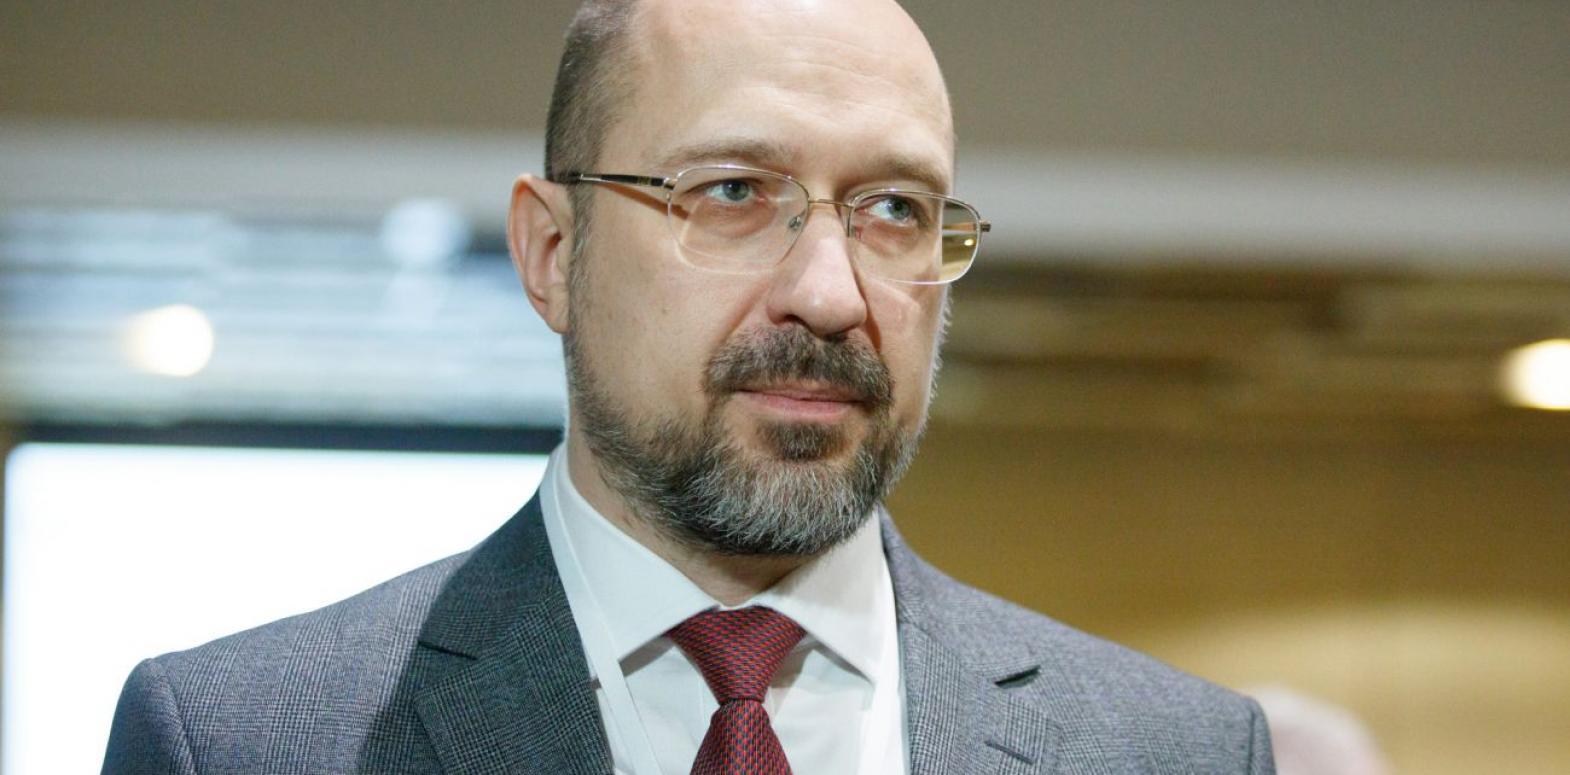 Программа экономического восстановления Украины рассчитана на три года, - Шмыгаль